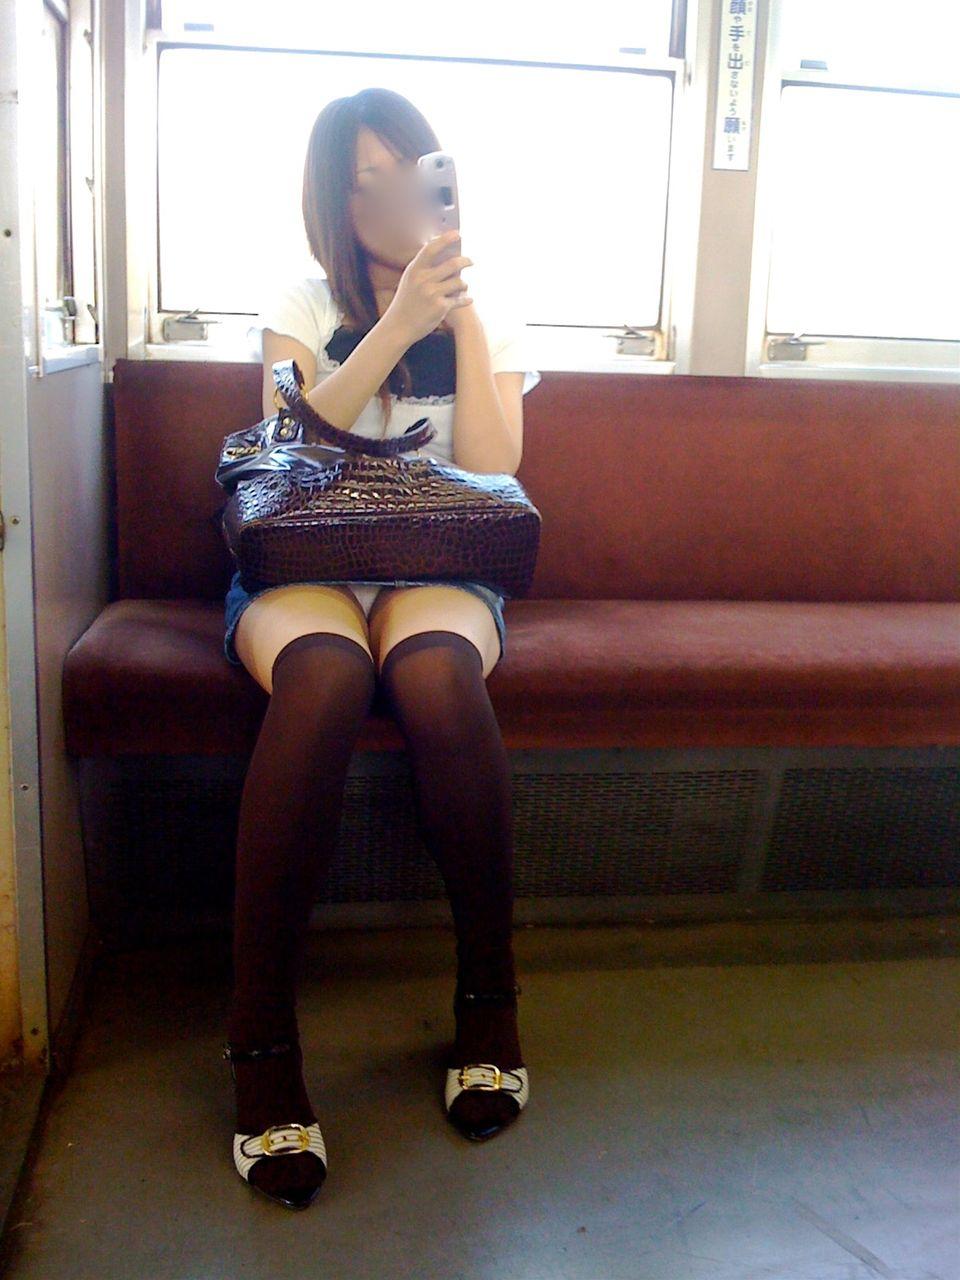 【パンチラエロ画像】遭遇率は低くても会えれば…降りるまで見たい電車チラwww 09